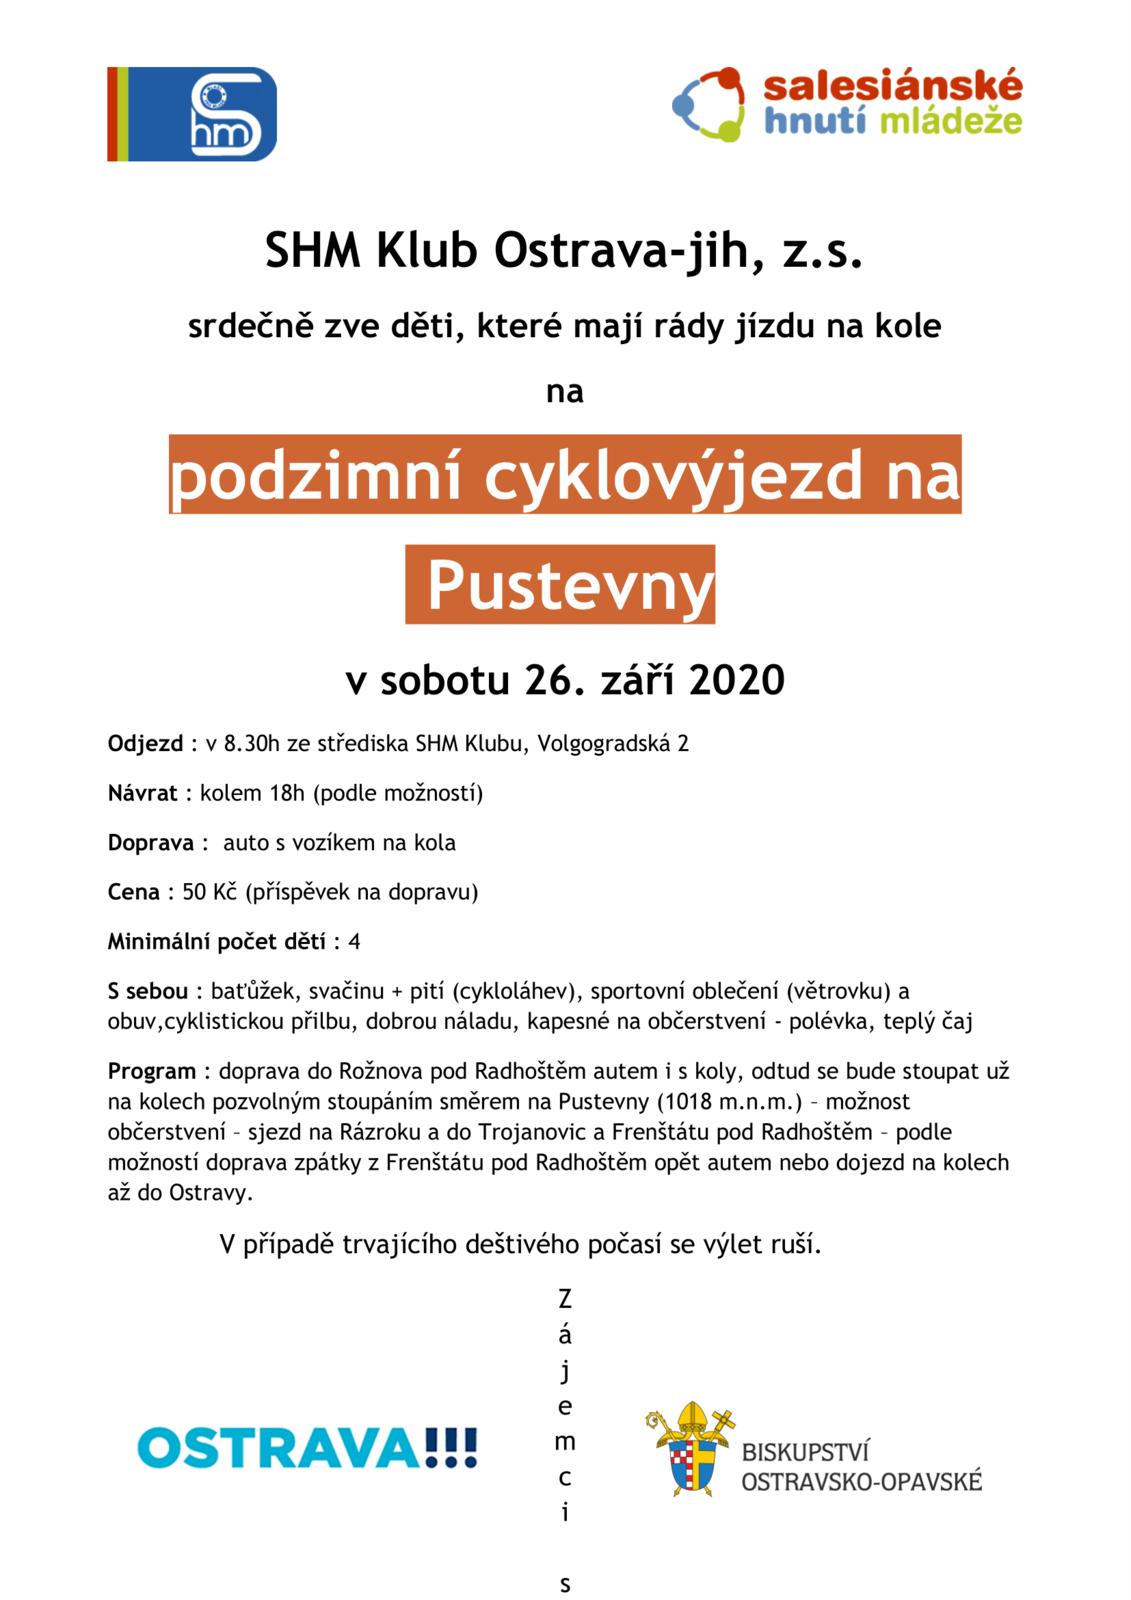 cyklovýjezdPustevny_9-2020-1